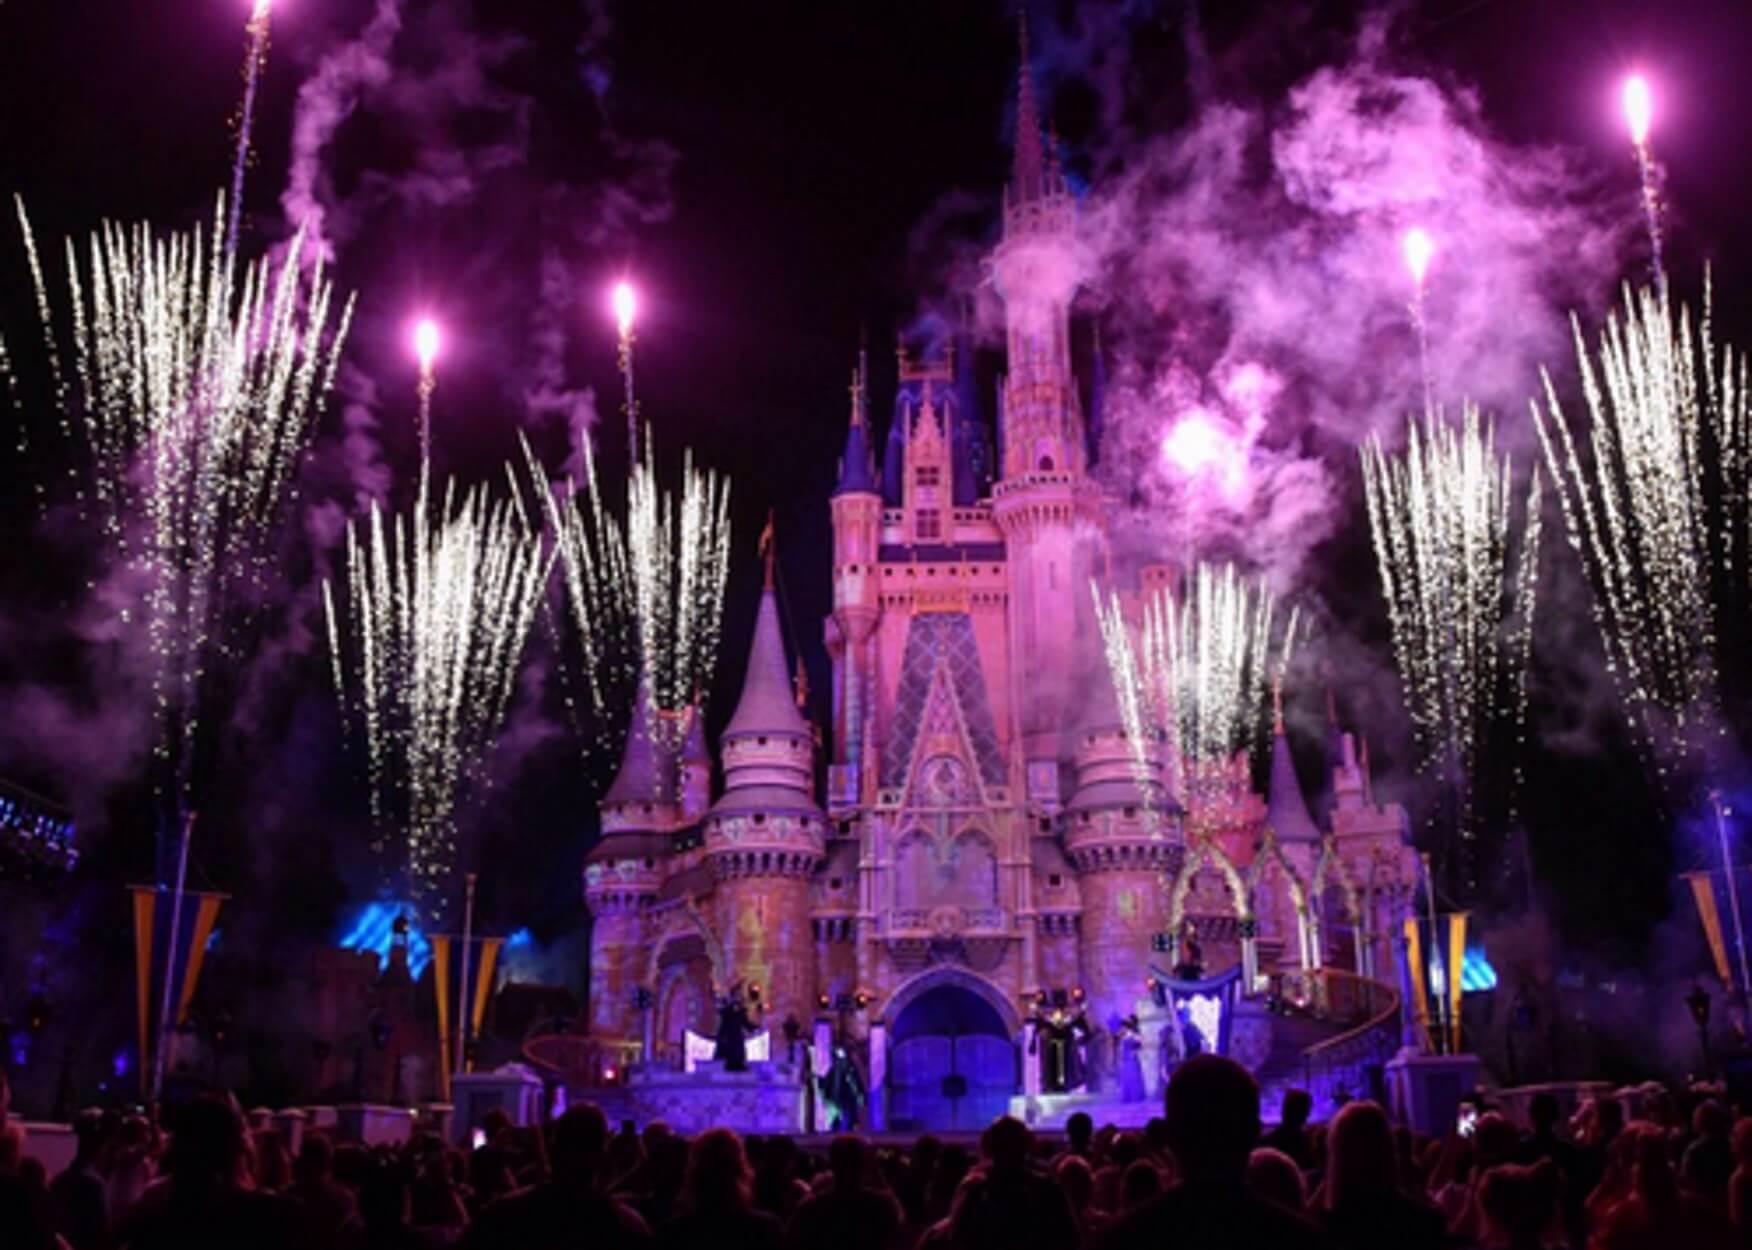 Οι 10 εταιρίες που δεν ήξερες ότι ανήκουν στη Disney!